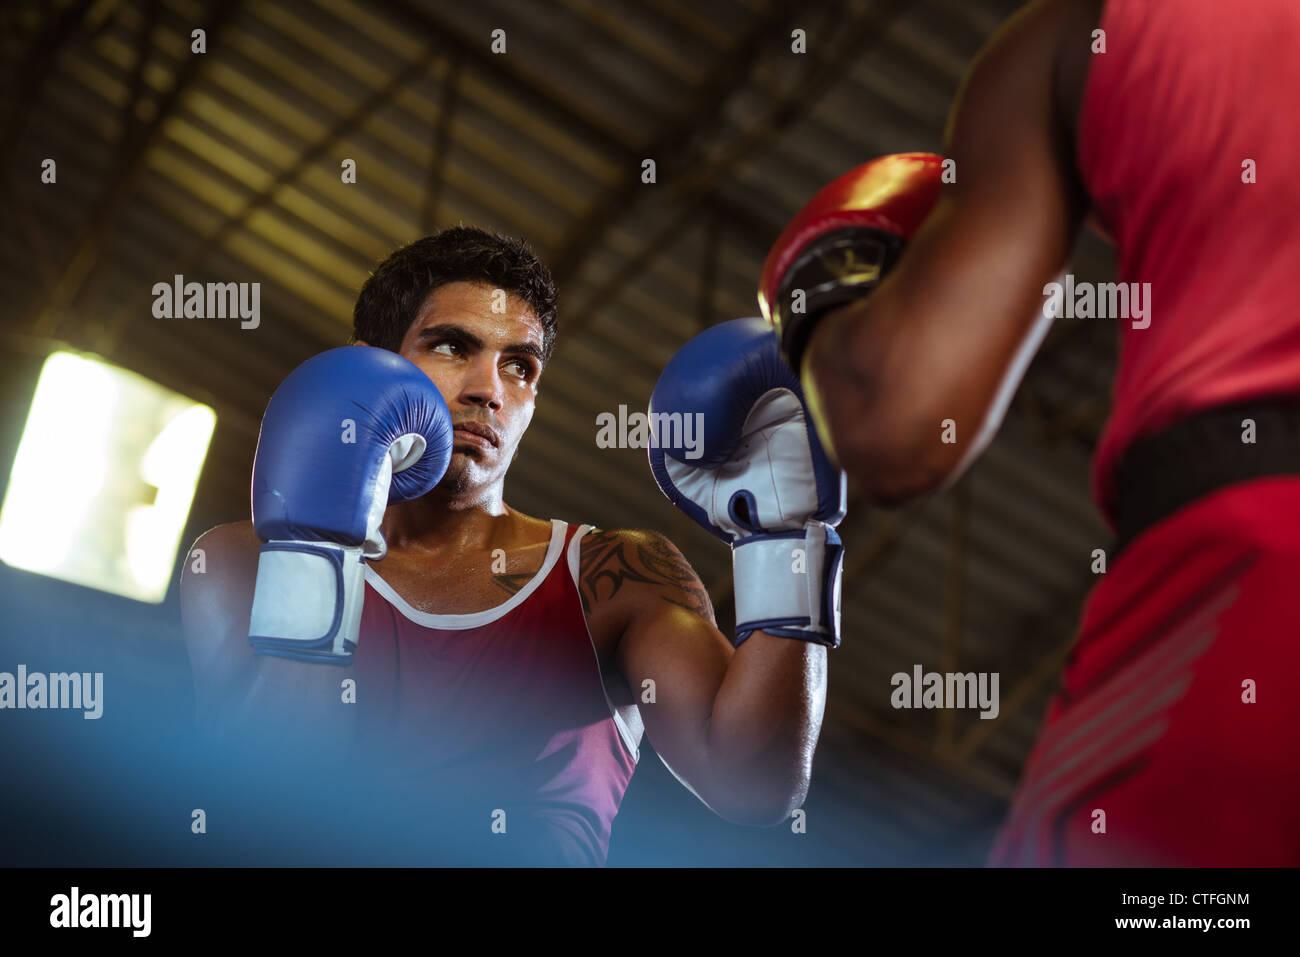 Deporte y personas, dos hombres ejerzan y los combates en el gimnasio de boxeo Imagen De Stock